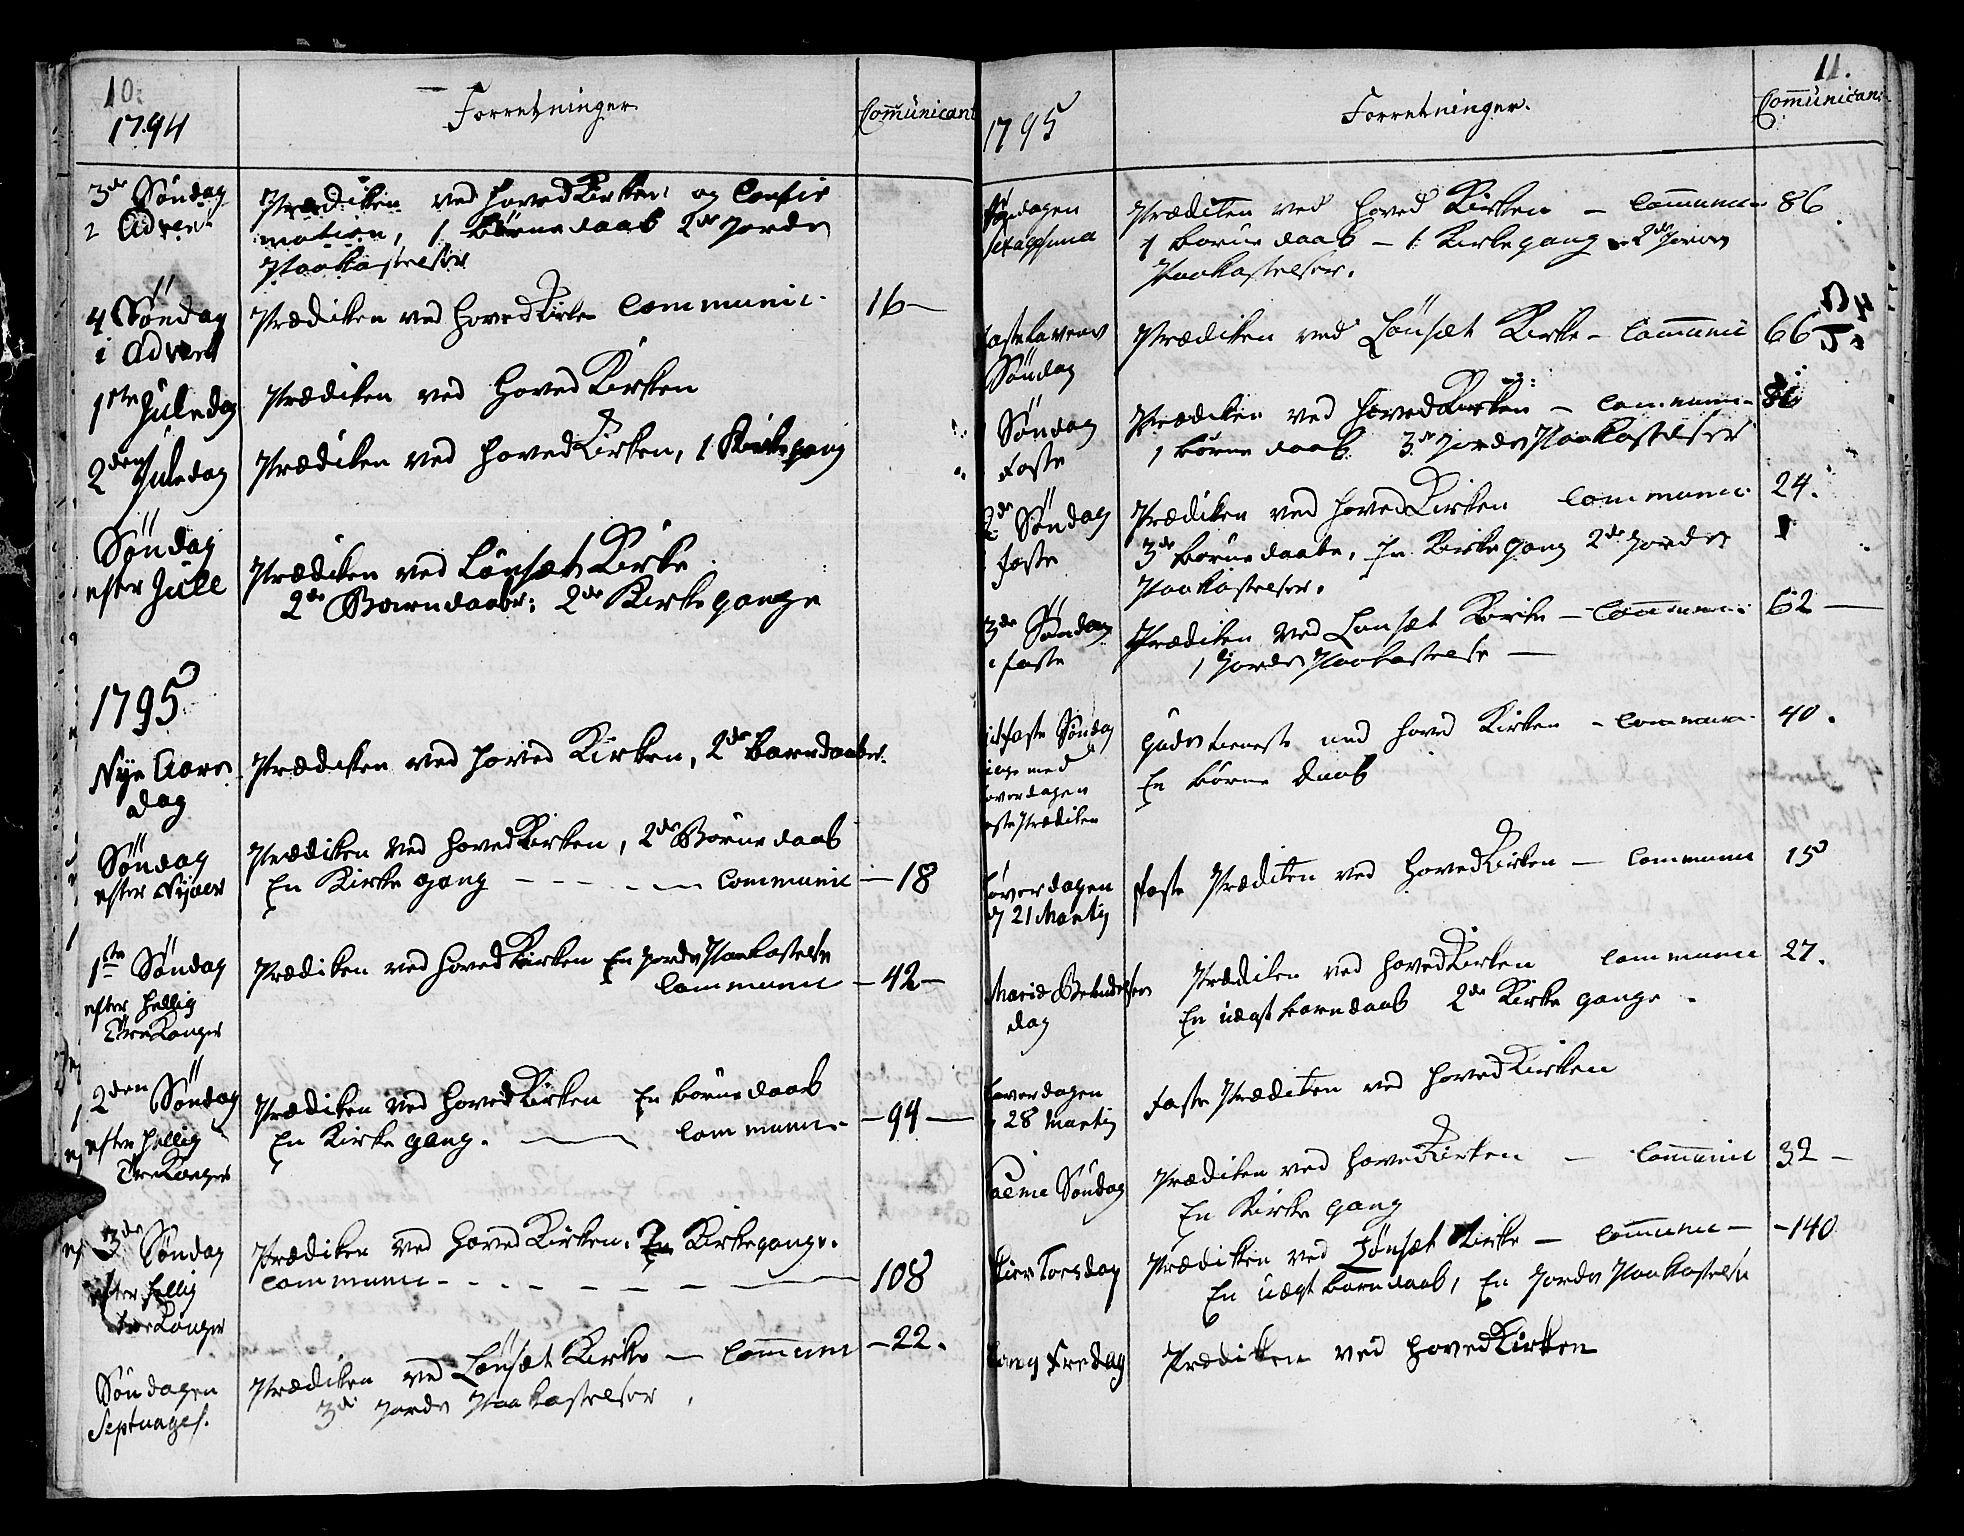 SAT, Ministerialprotokoller, klokkerbøker og fødselsregistre - Sør-Trøndelag, 678/L0893: Ministerialbok nr. 678A03, 1792-1805, s. 10-11